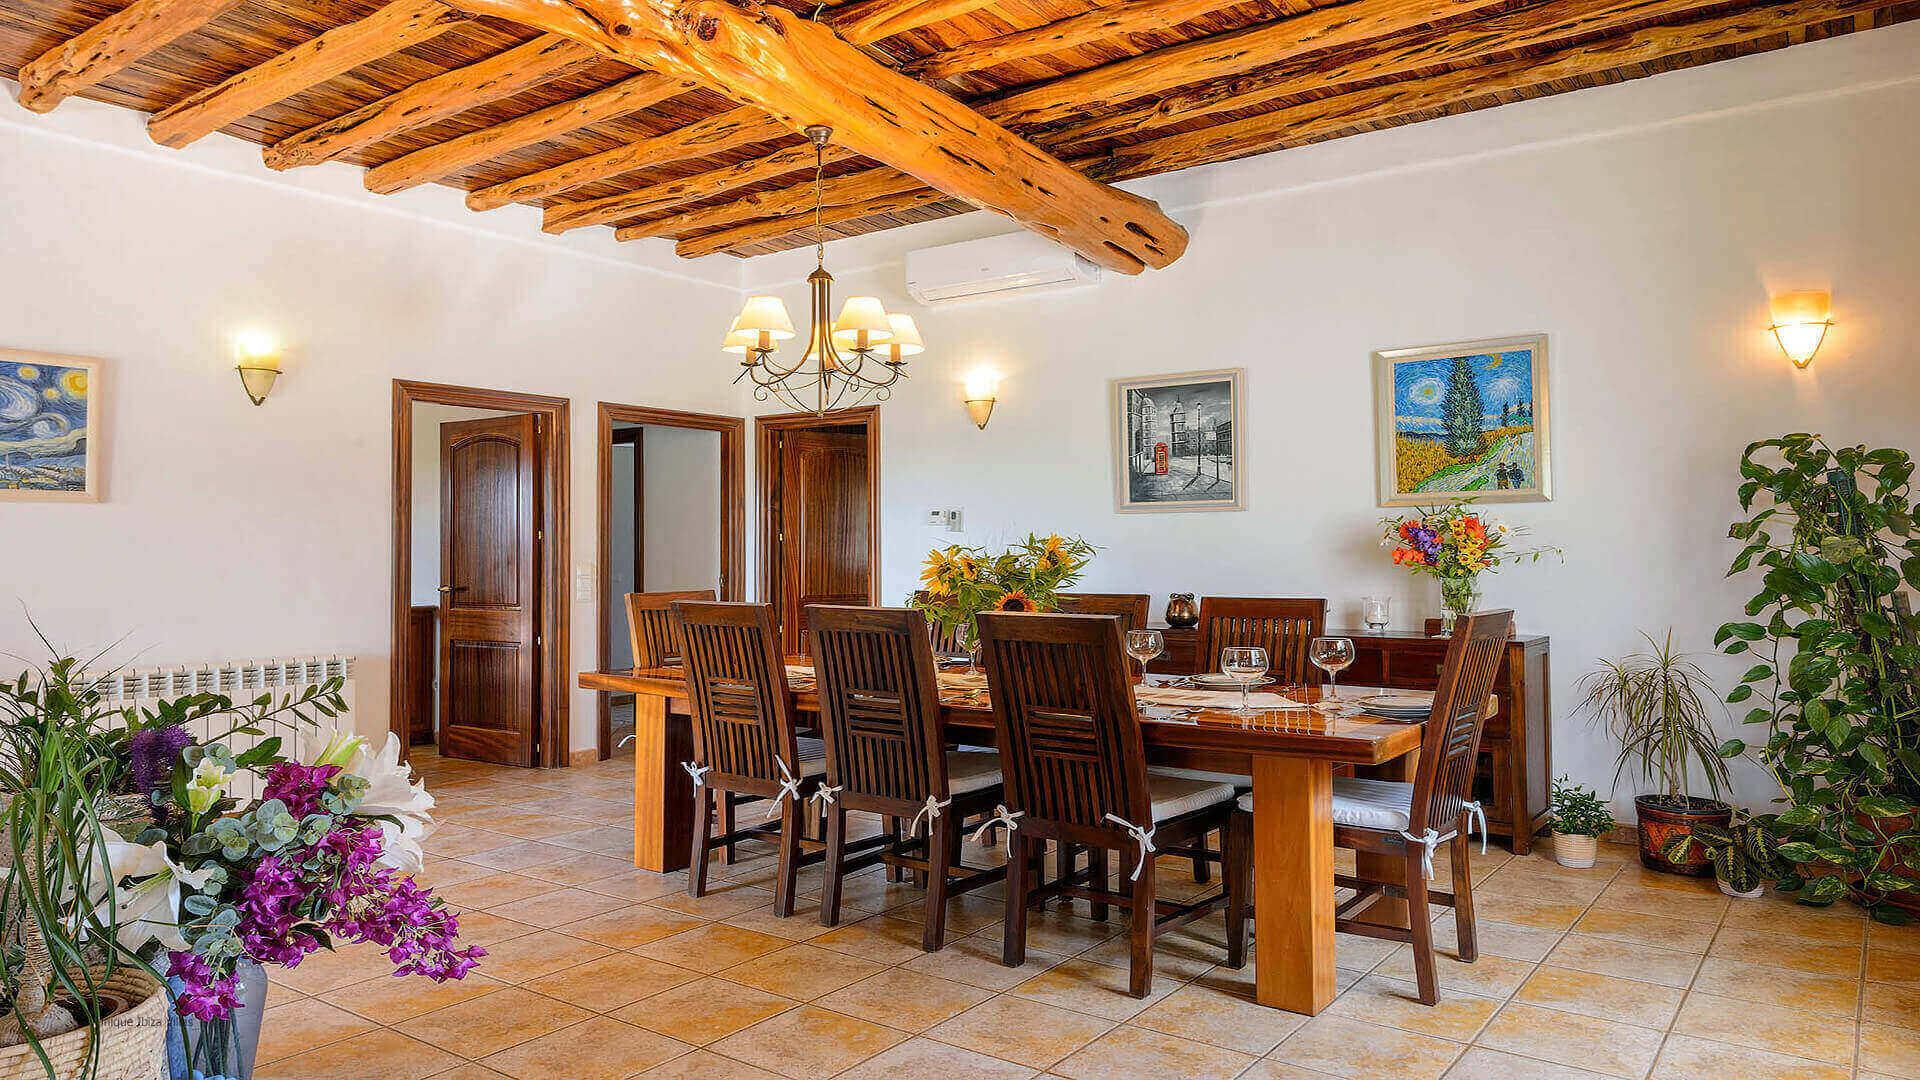 Curreu III Ibiza 28 Santa Gertrudis